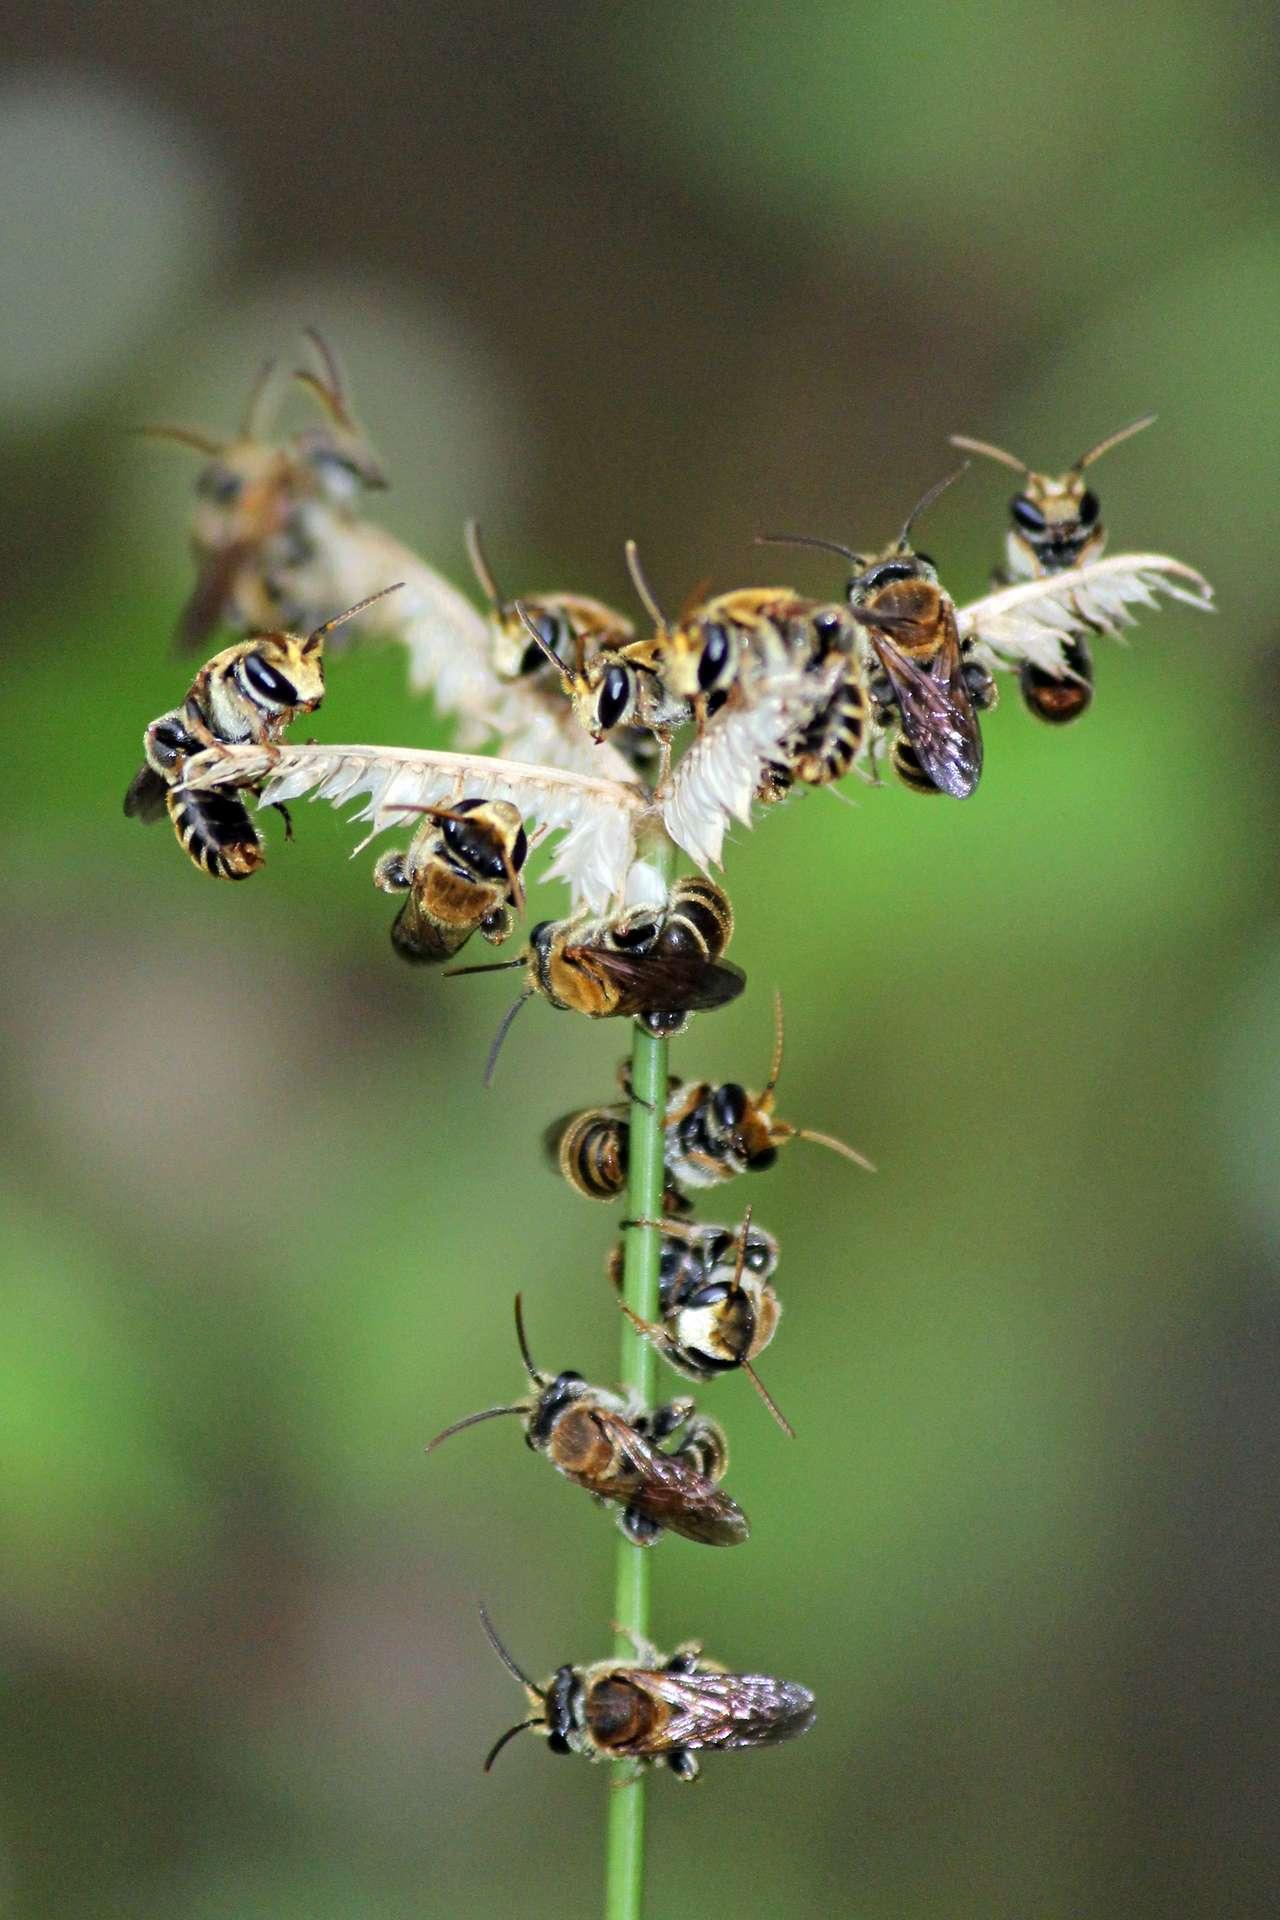 Les « abeilles de la sueur » sont des abeilles appartenant à la famille des Halictidae, connues pour aimer les larmes et la sueur des animaux. Elles vivent partout dans le monde. Les espèces les plus petites font moins d'un centimètre. © Rison Thumboorn, Wikimedia Commons, CC By-2.0